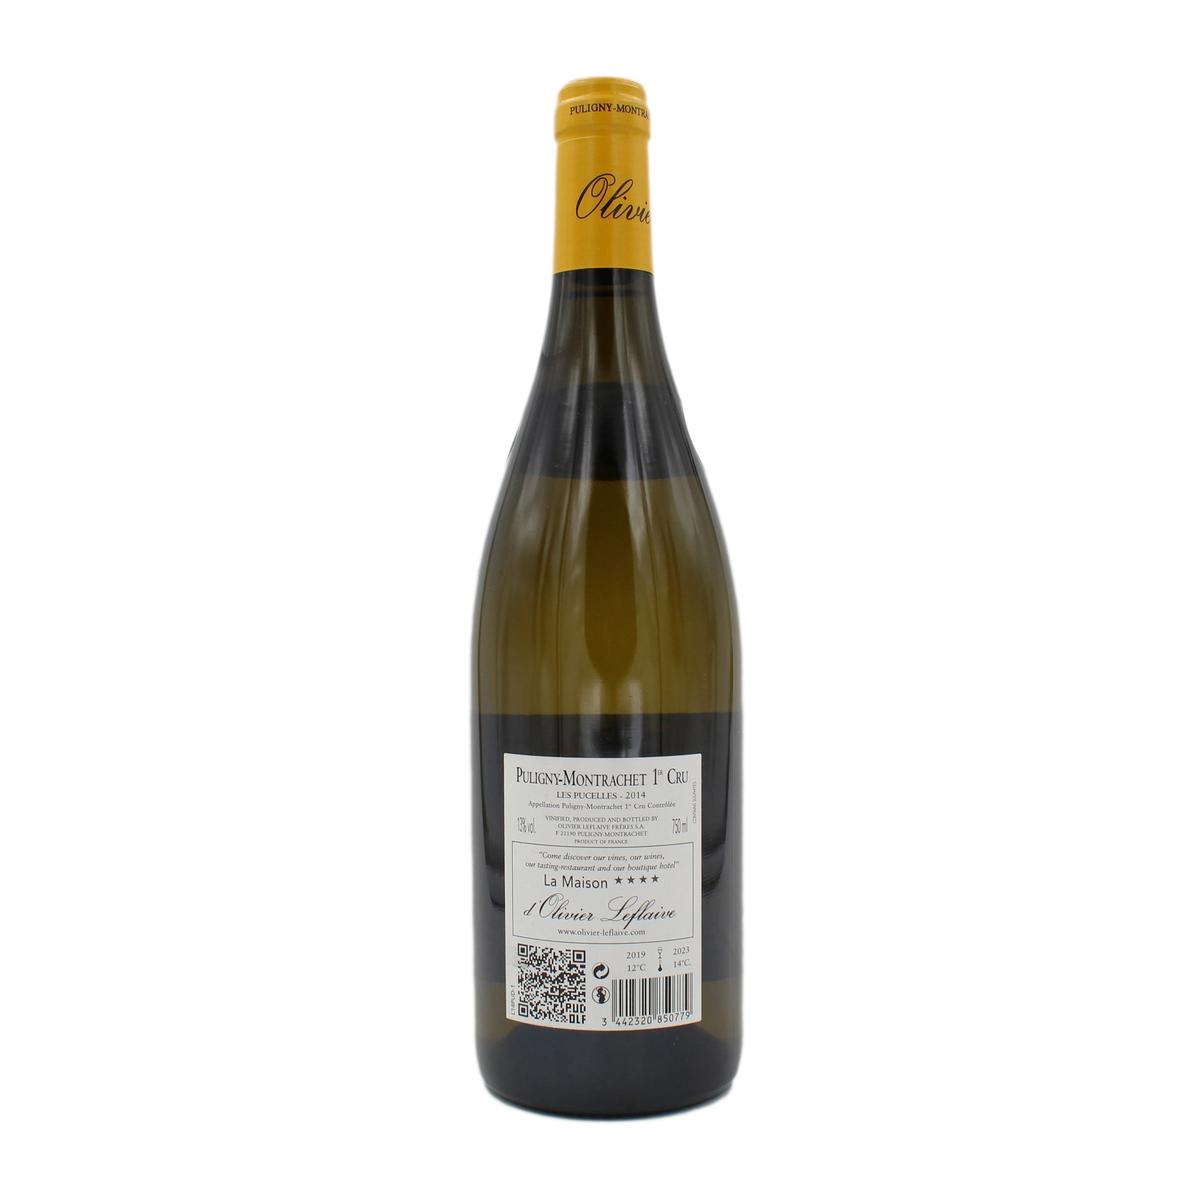 Puligny-Montrachet 1er cru Les Pucelles Domaine 2014 Domaine Olivier Leflaive